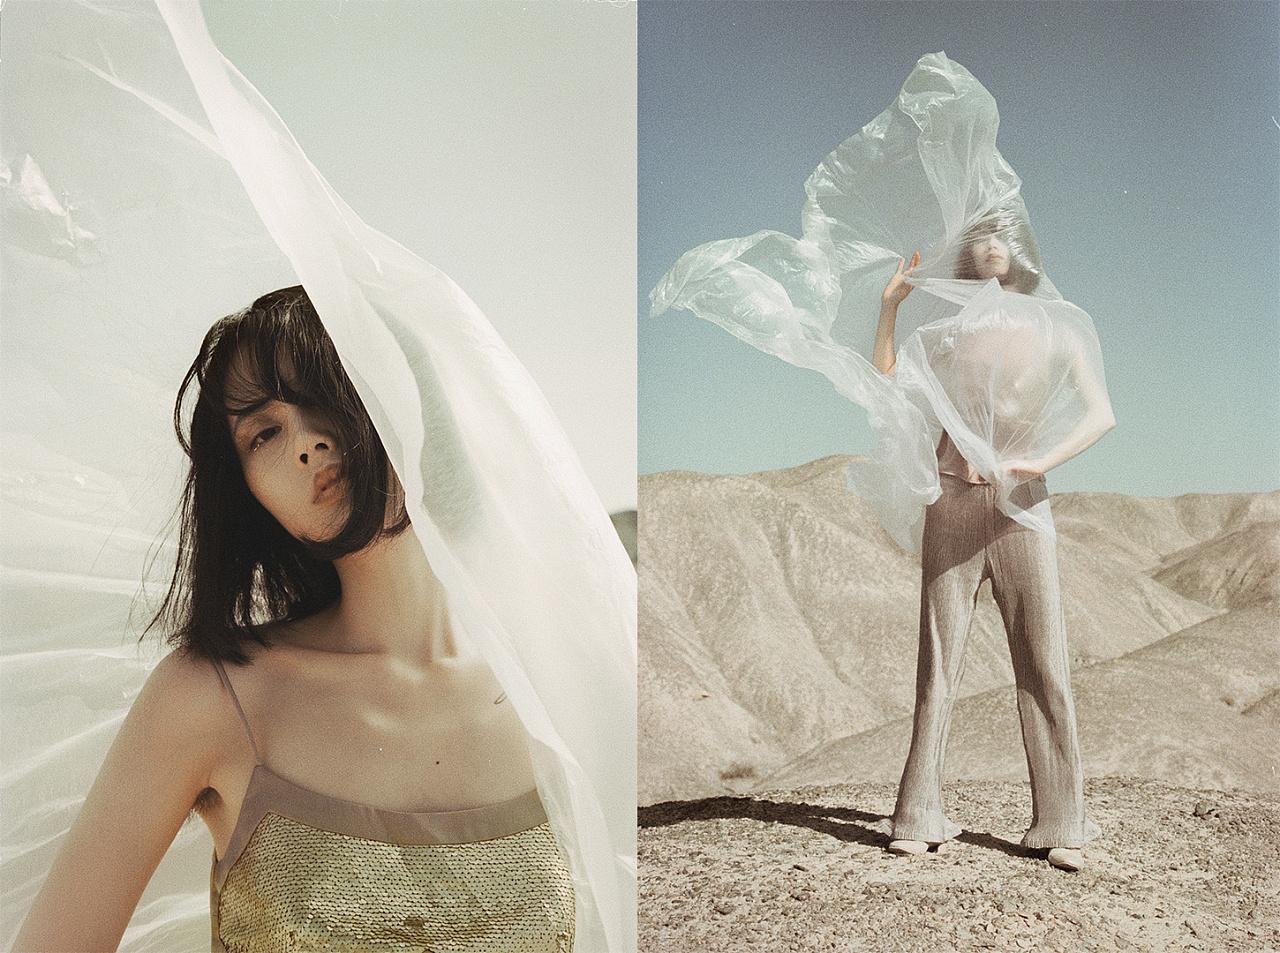 【S1039】人像摄影课程:模特引导、服装搭配、照片调色与排版